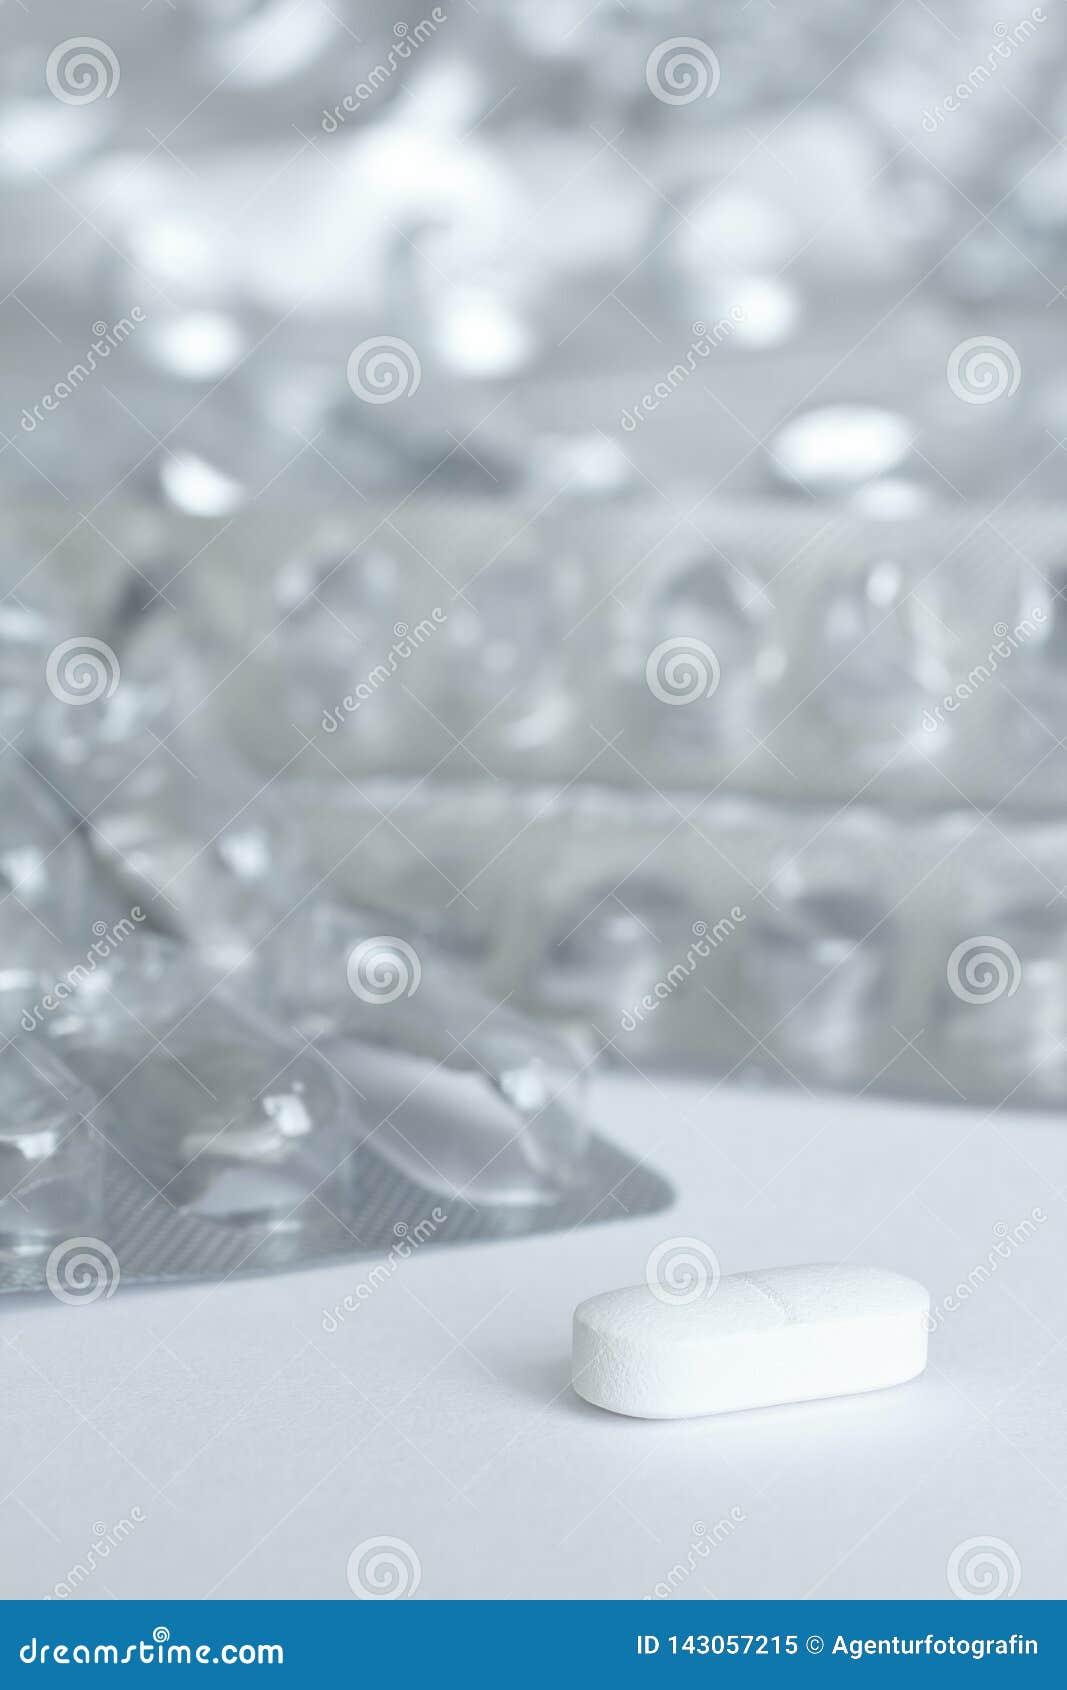 One tablet blister packs background